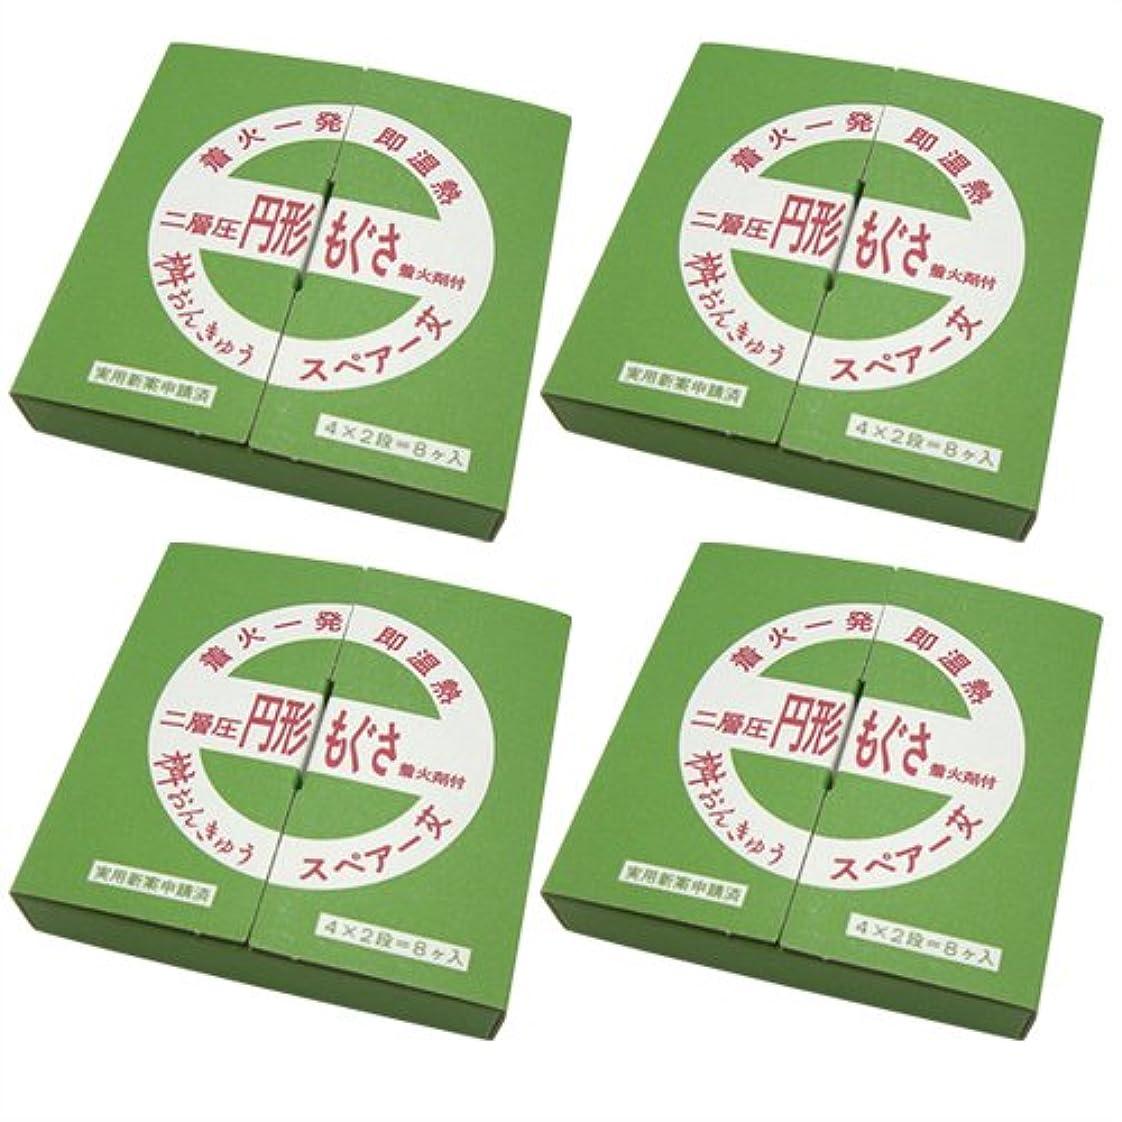 批判満足できる依存桝おんきゅう用スペアもぐさ 二層圧 円形もぐさ (8ケ) ×4箱セット